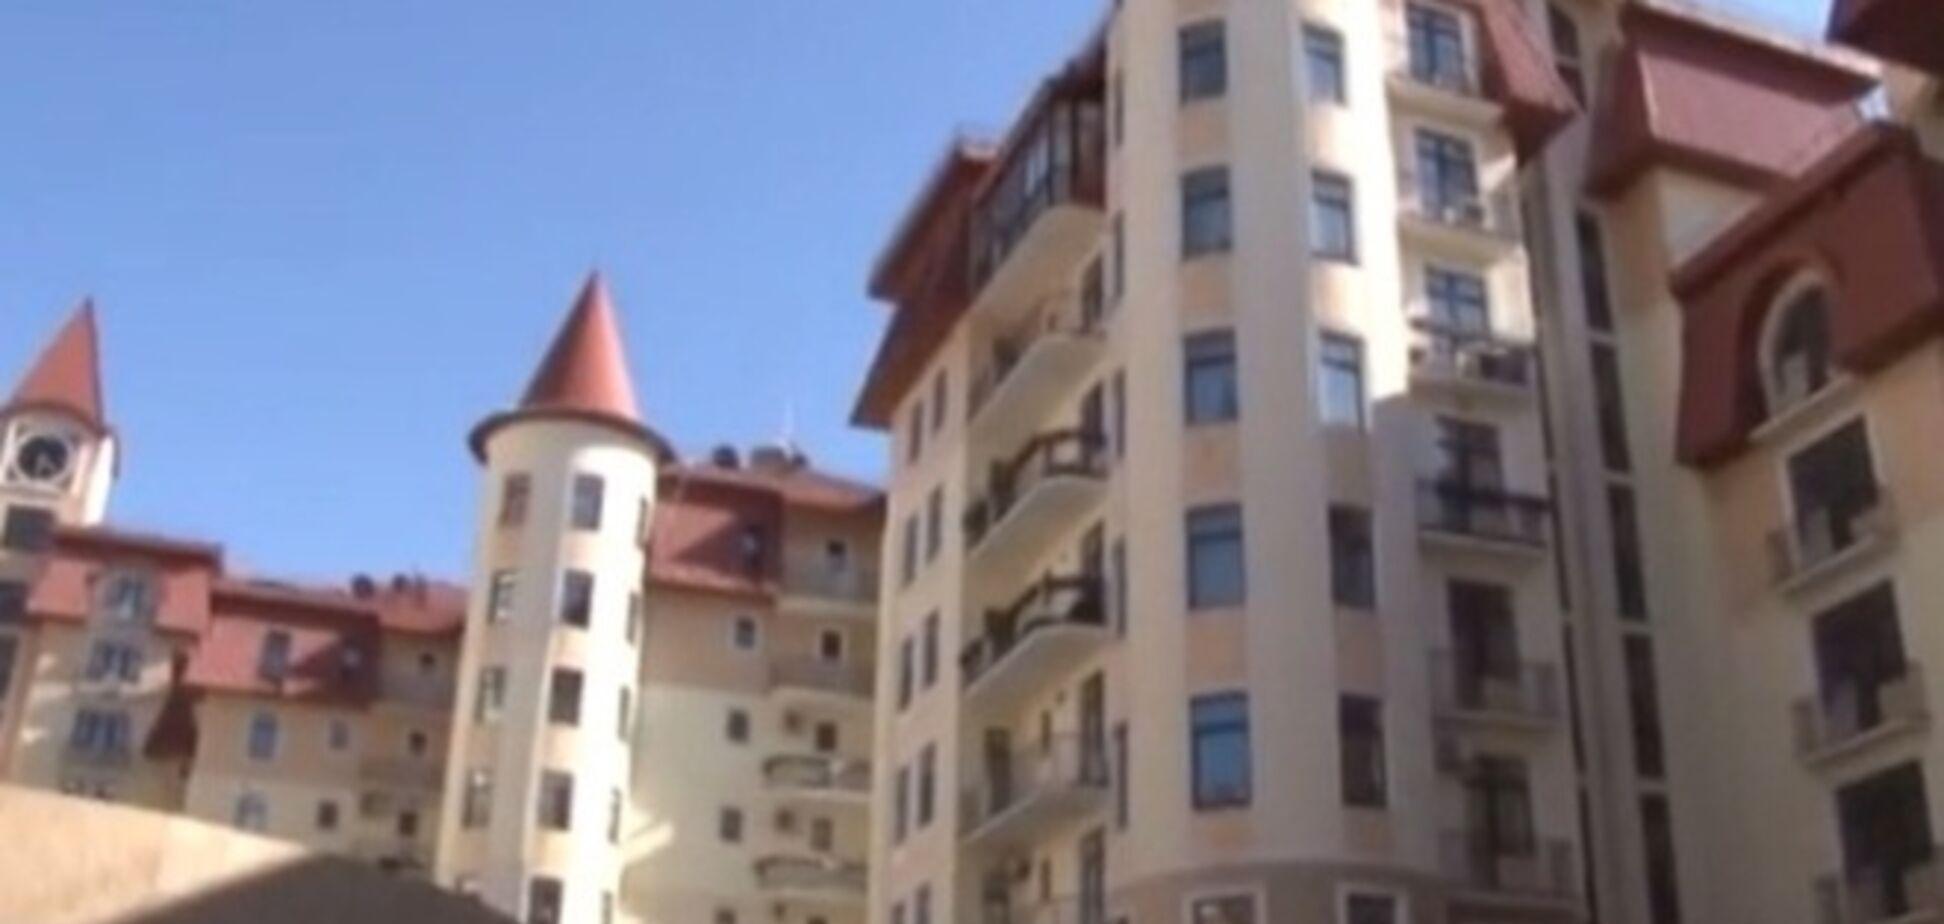 Турчинов отказался показать СМИ свою квартиру без разрешения тещи